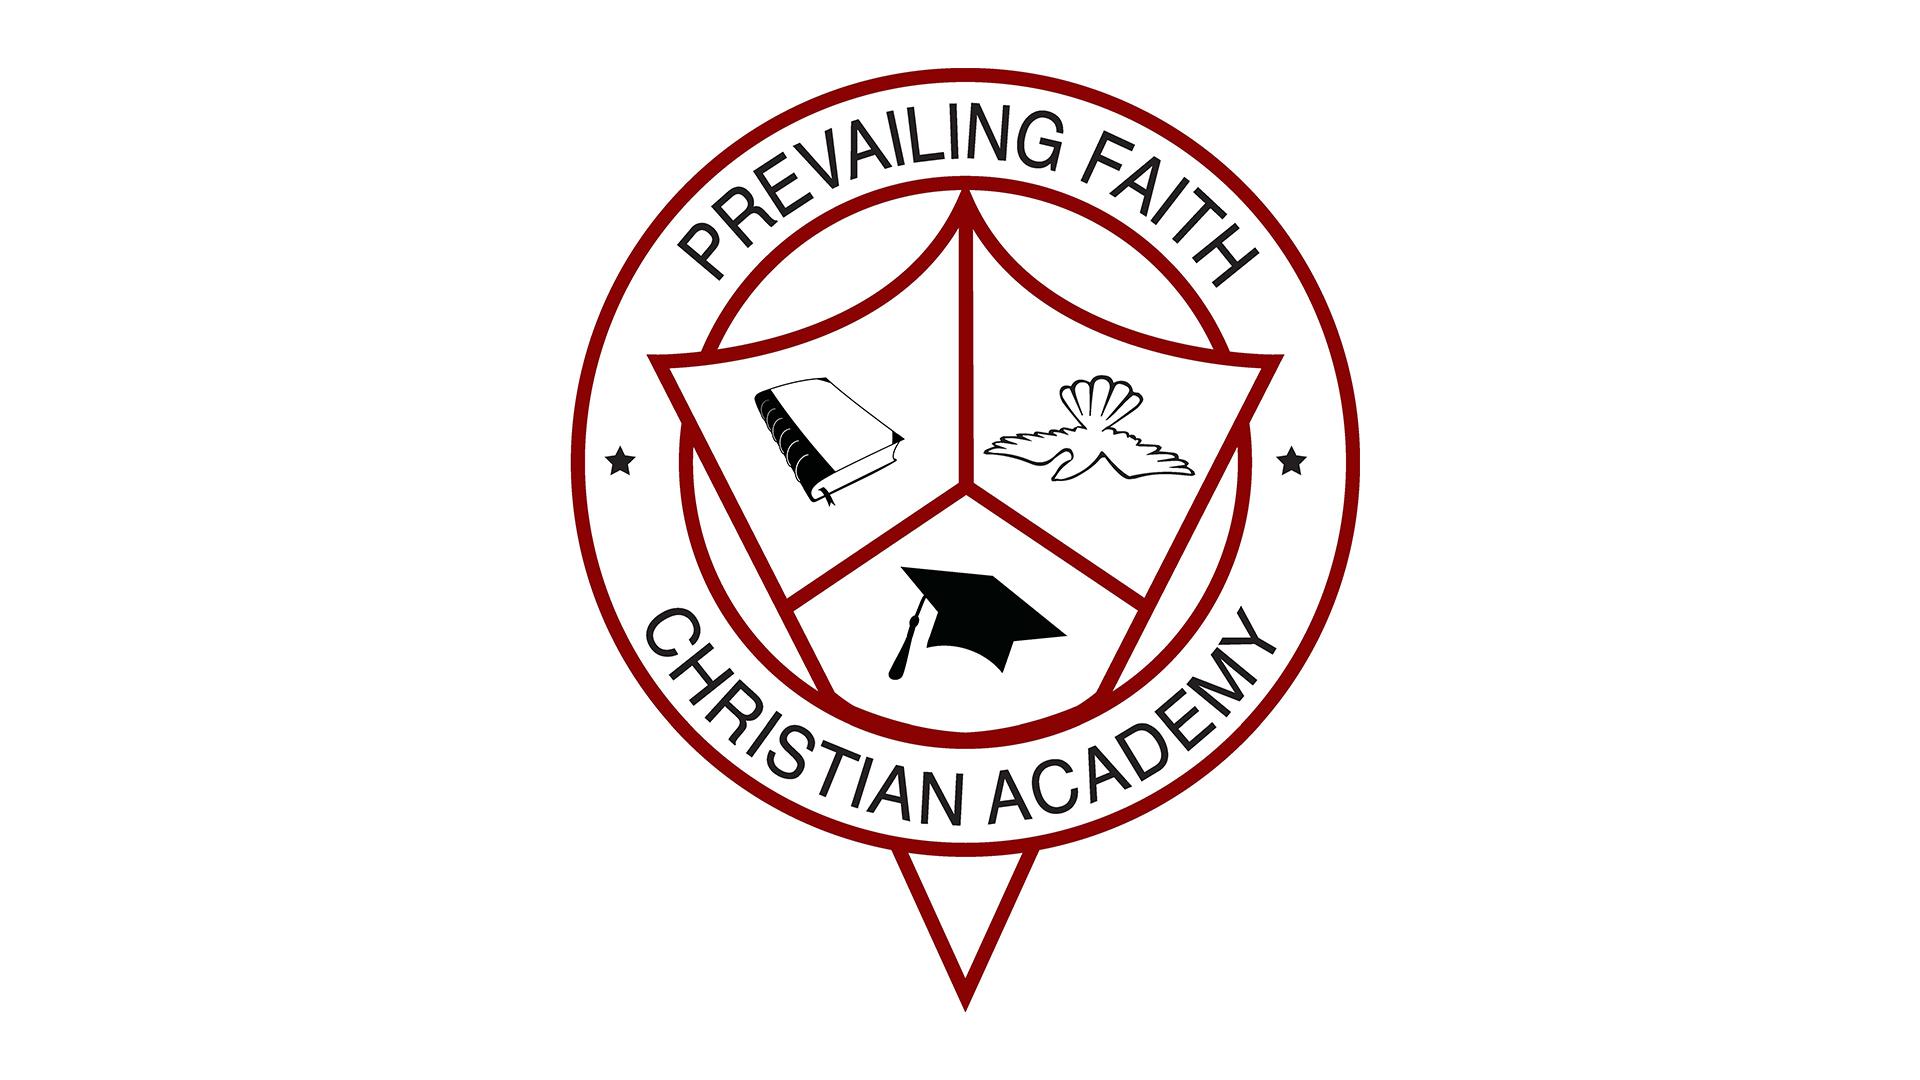 Chapel September 12th – PFCA